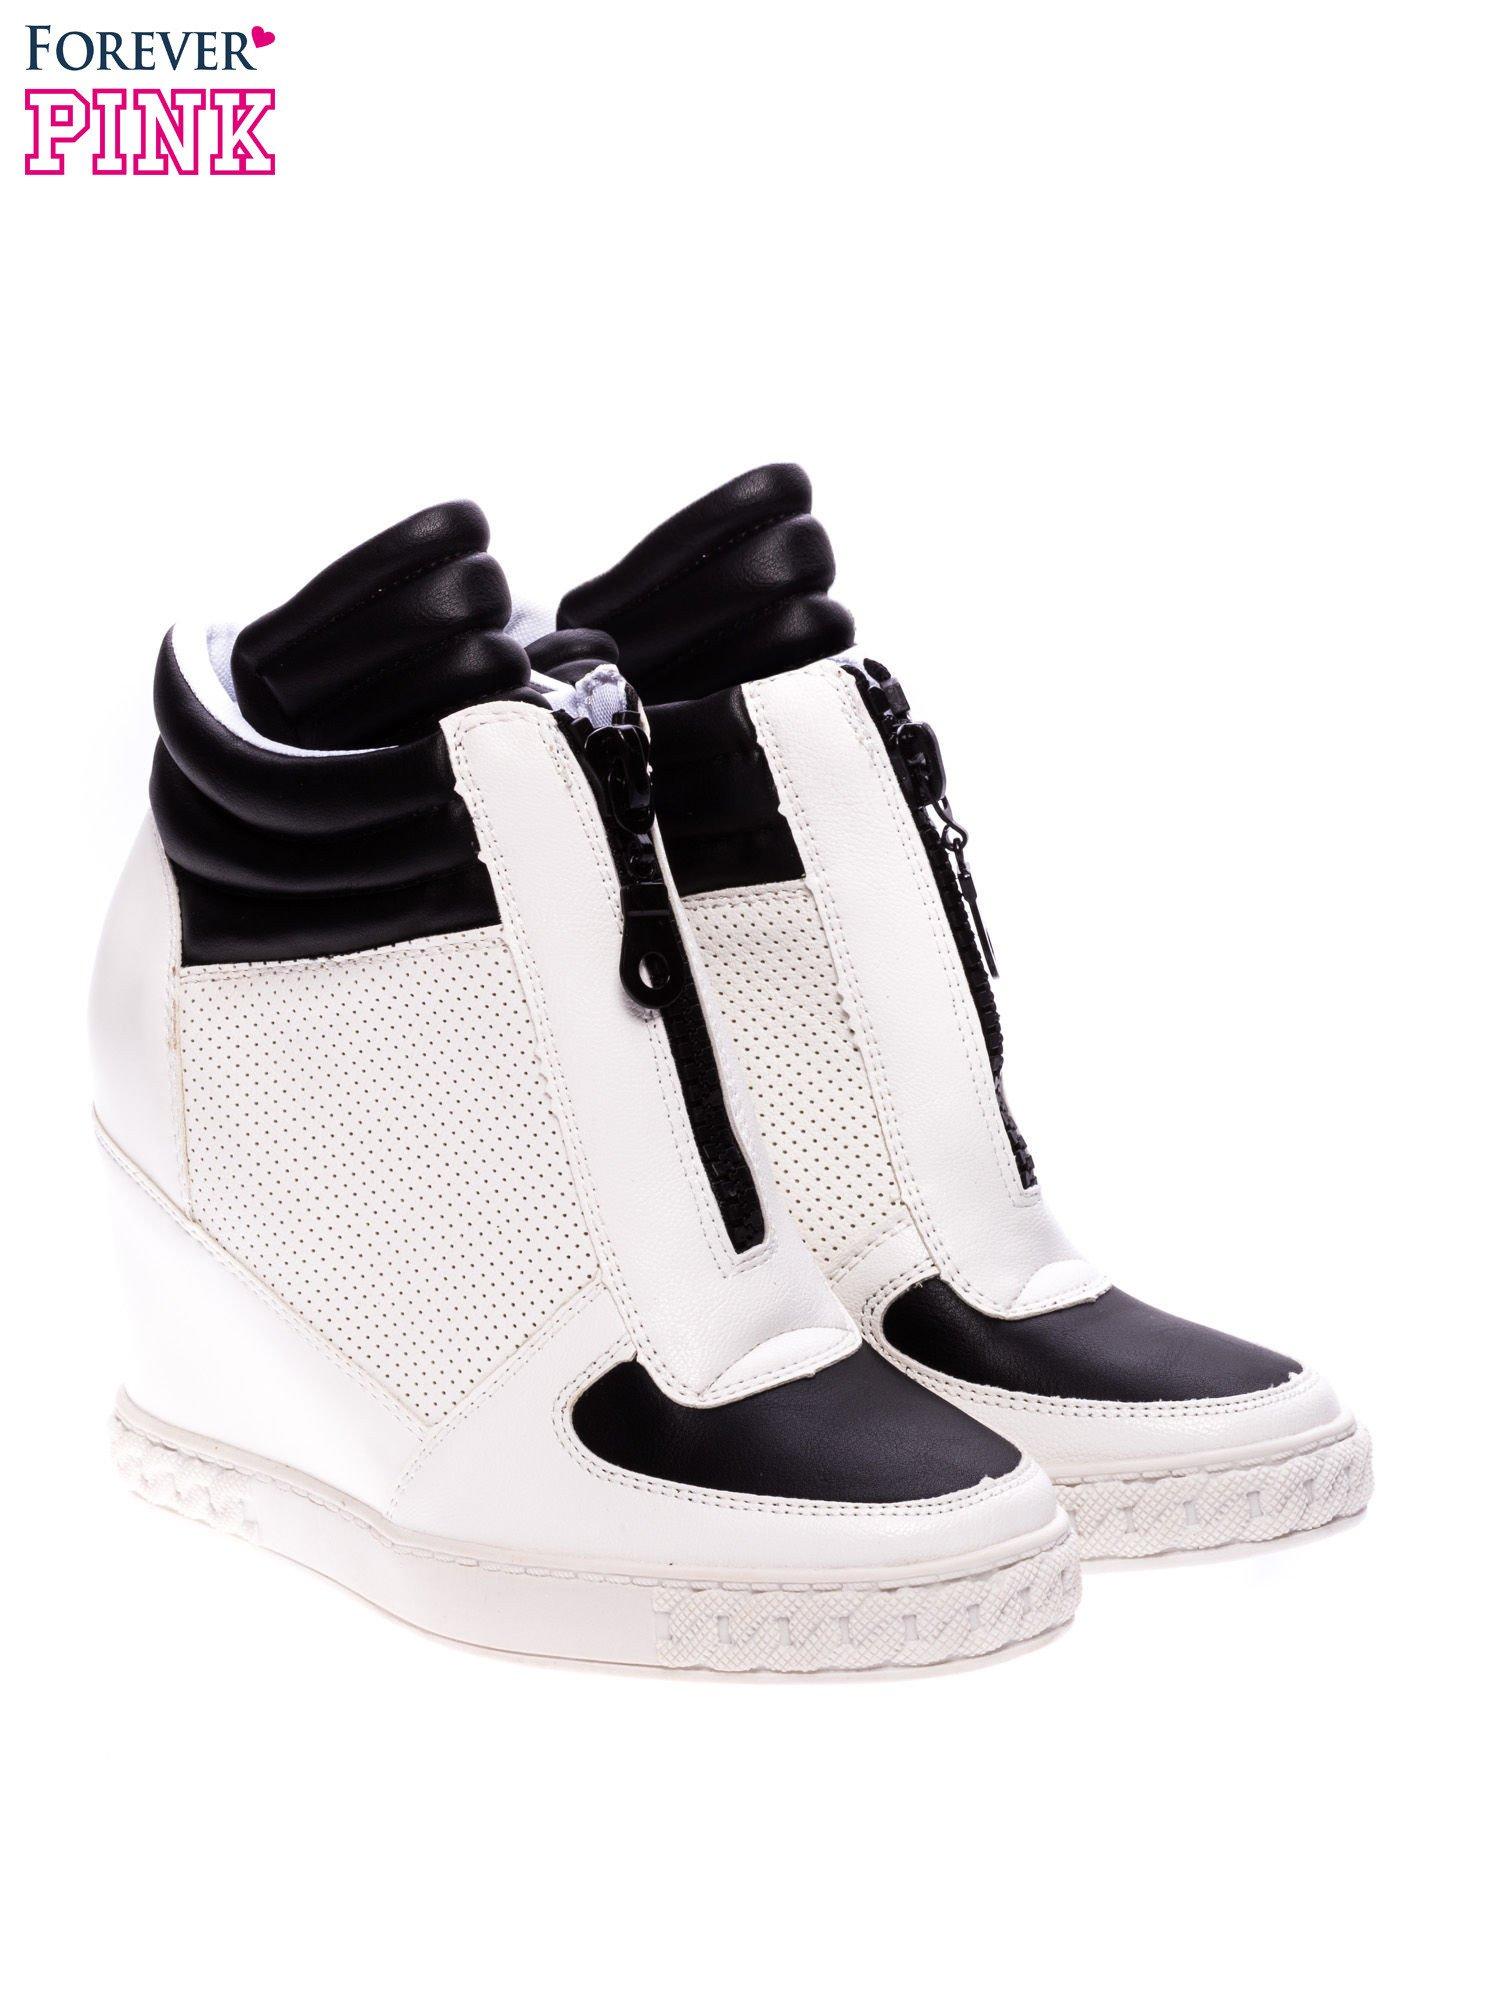 Biało-czarne sneakersy z ażurowym wzorem                                  zdj.                                  2